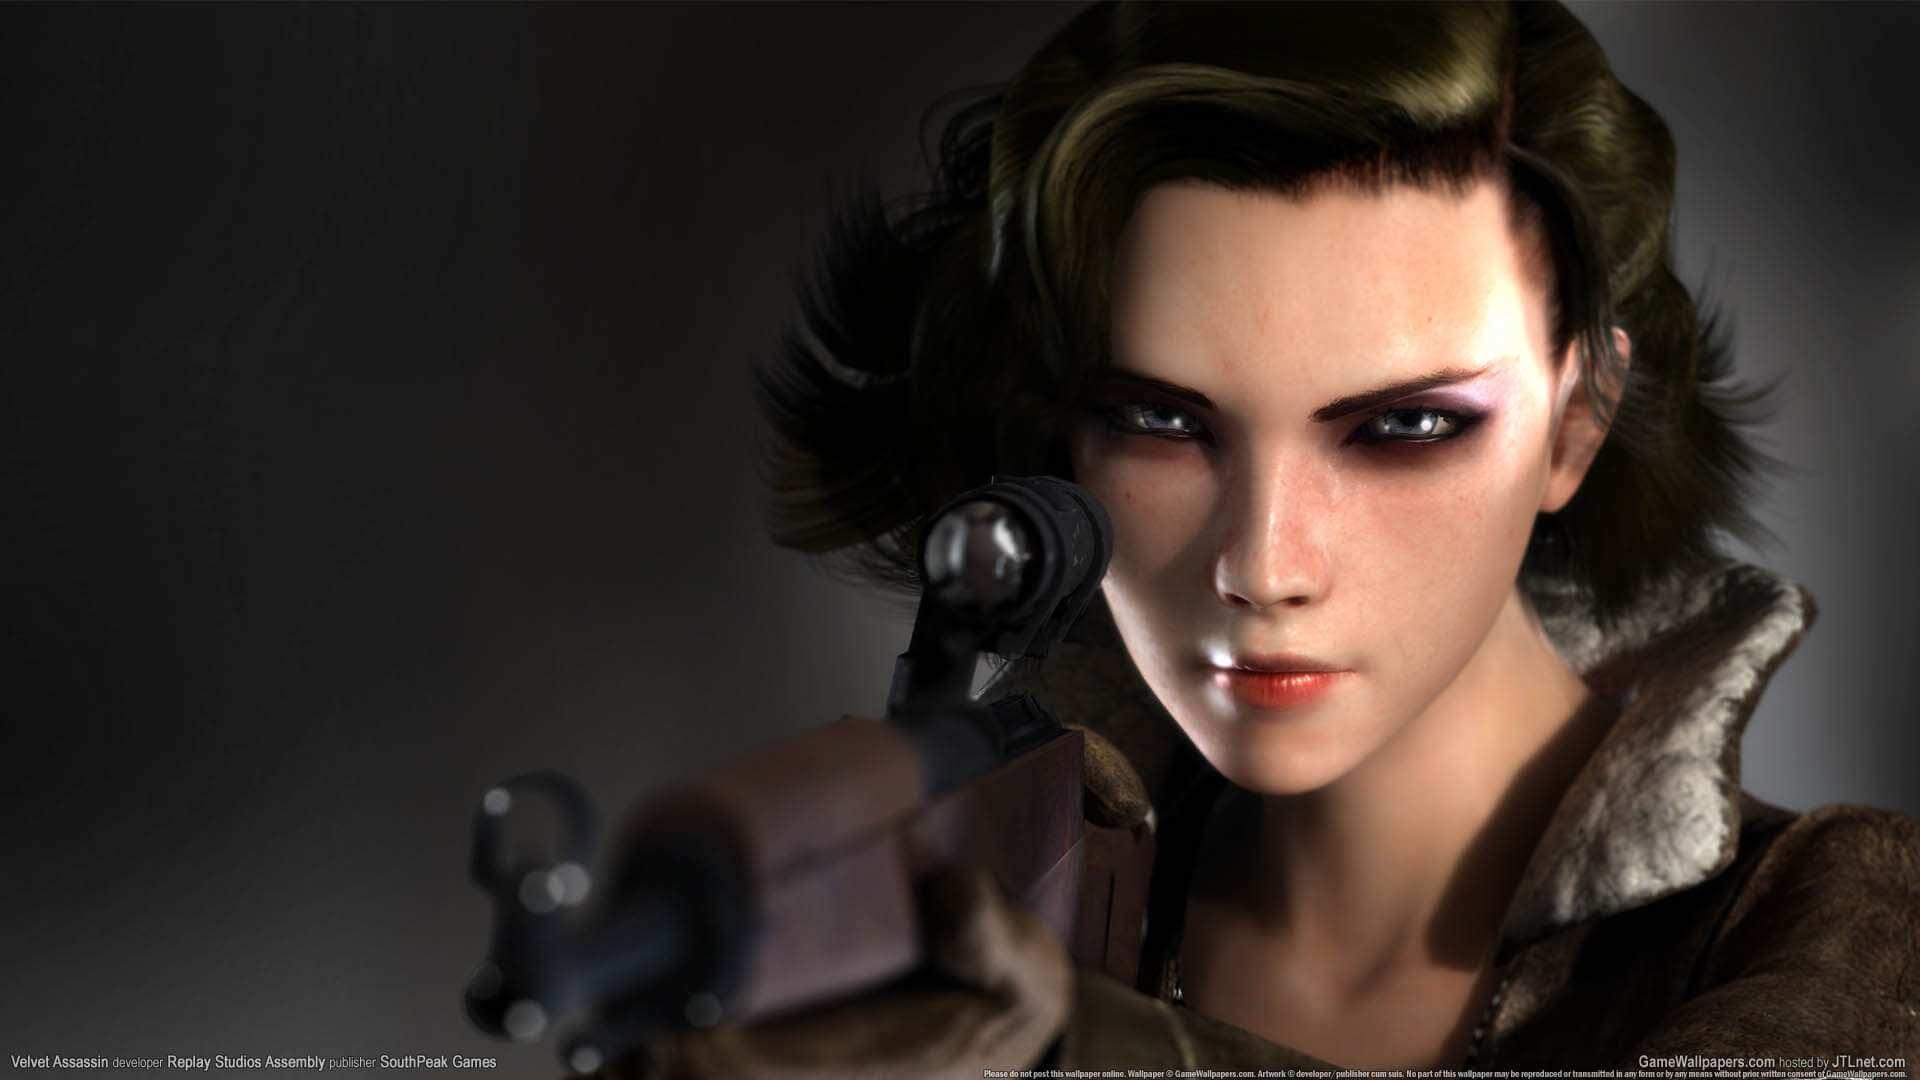 image from Velvet Assassin